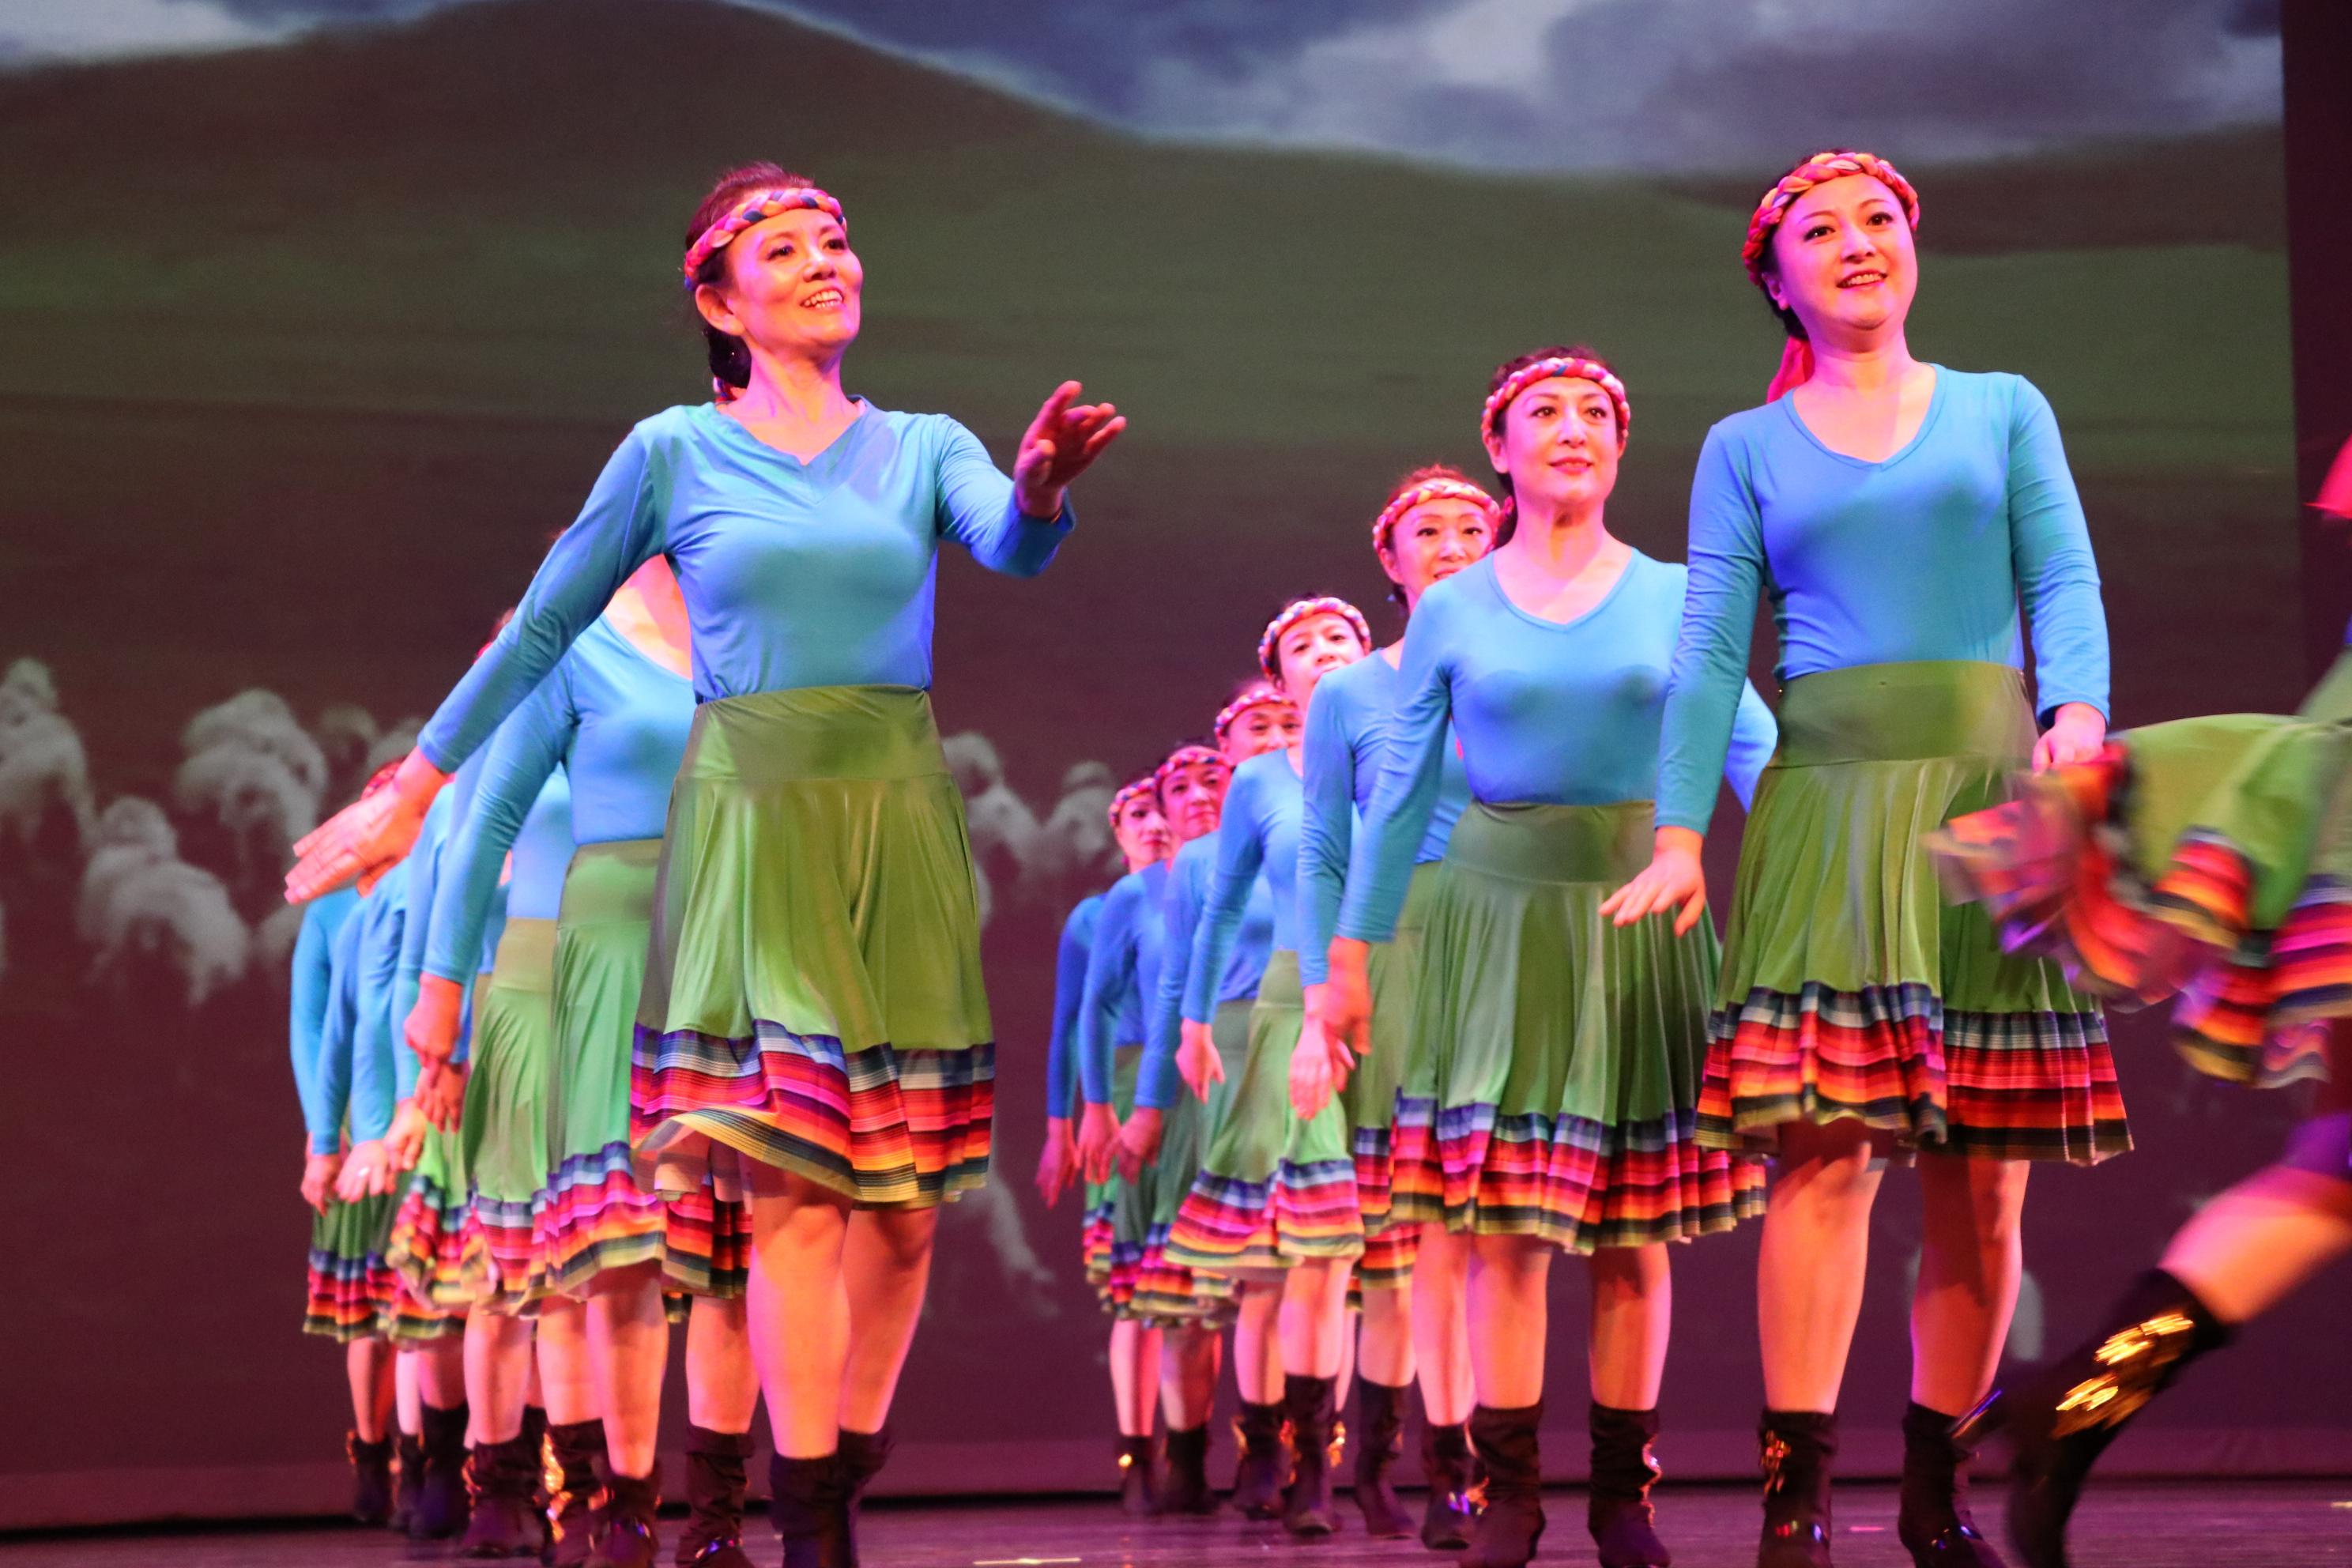 紅扇舞蹈團的舞蹈《呀啦嗦》,精神抖擻。